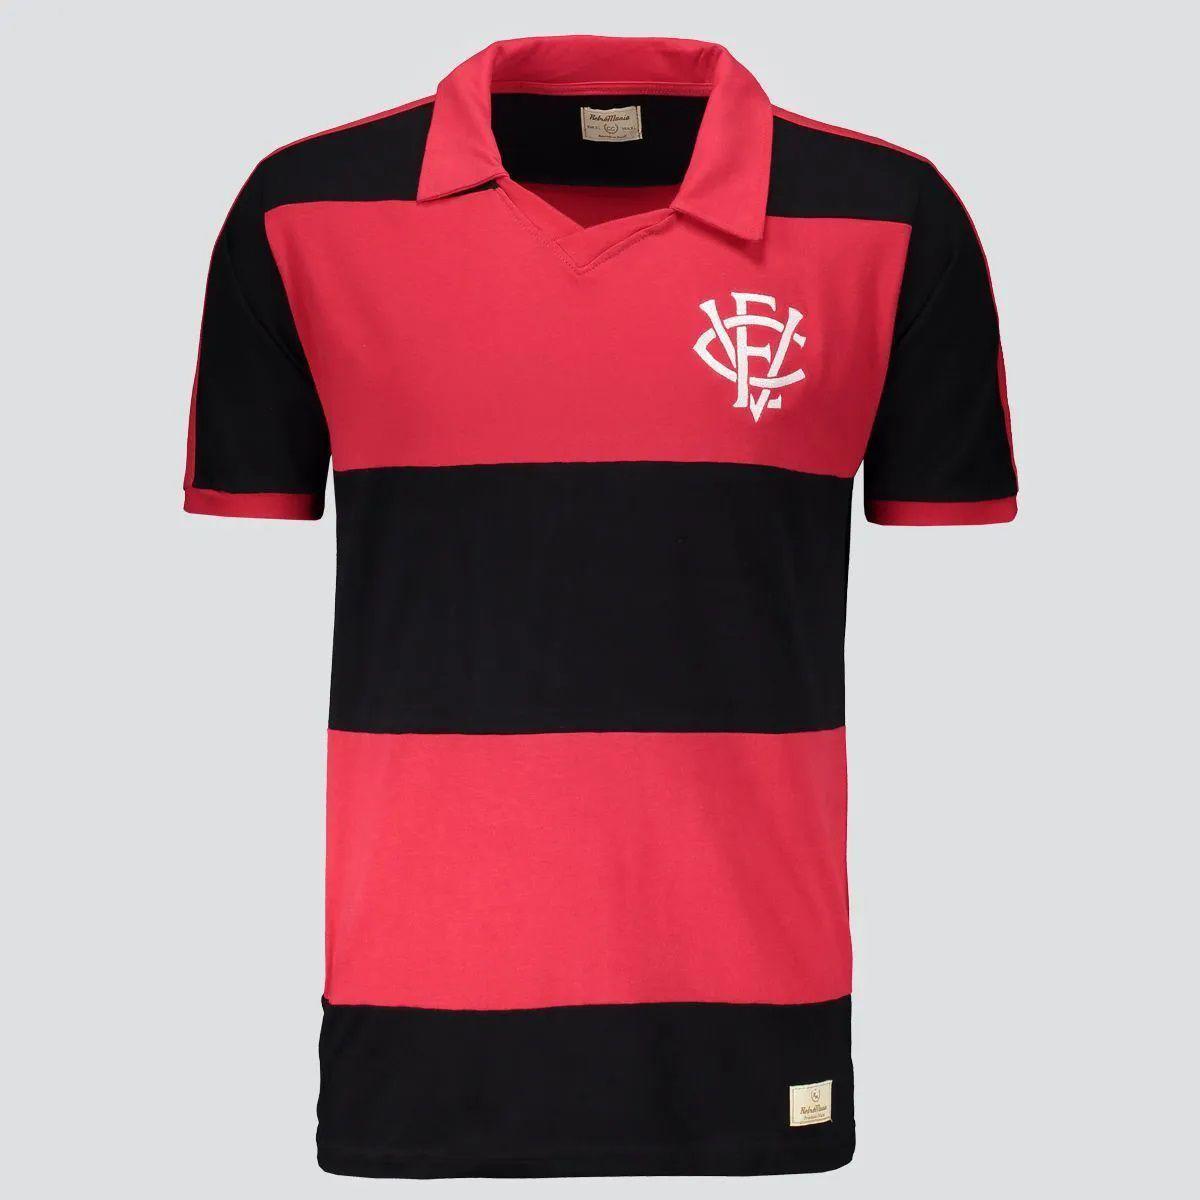 Camisa Vitória Retrô 1990 - Infantil - Vermelho